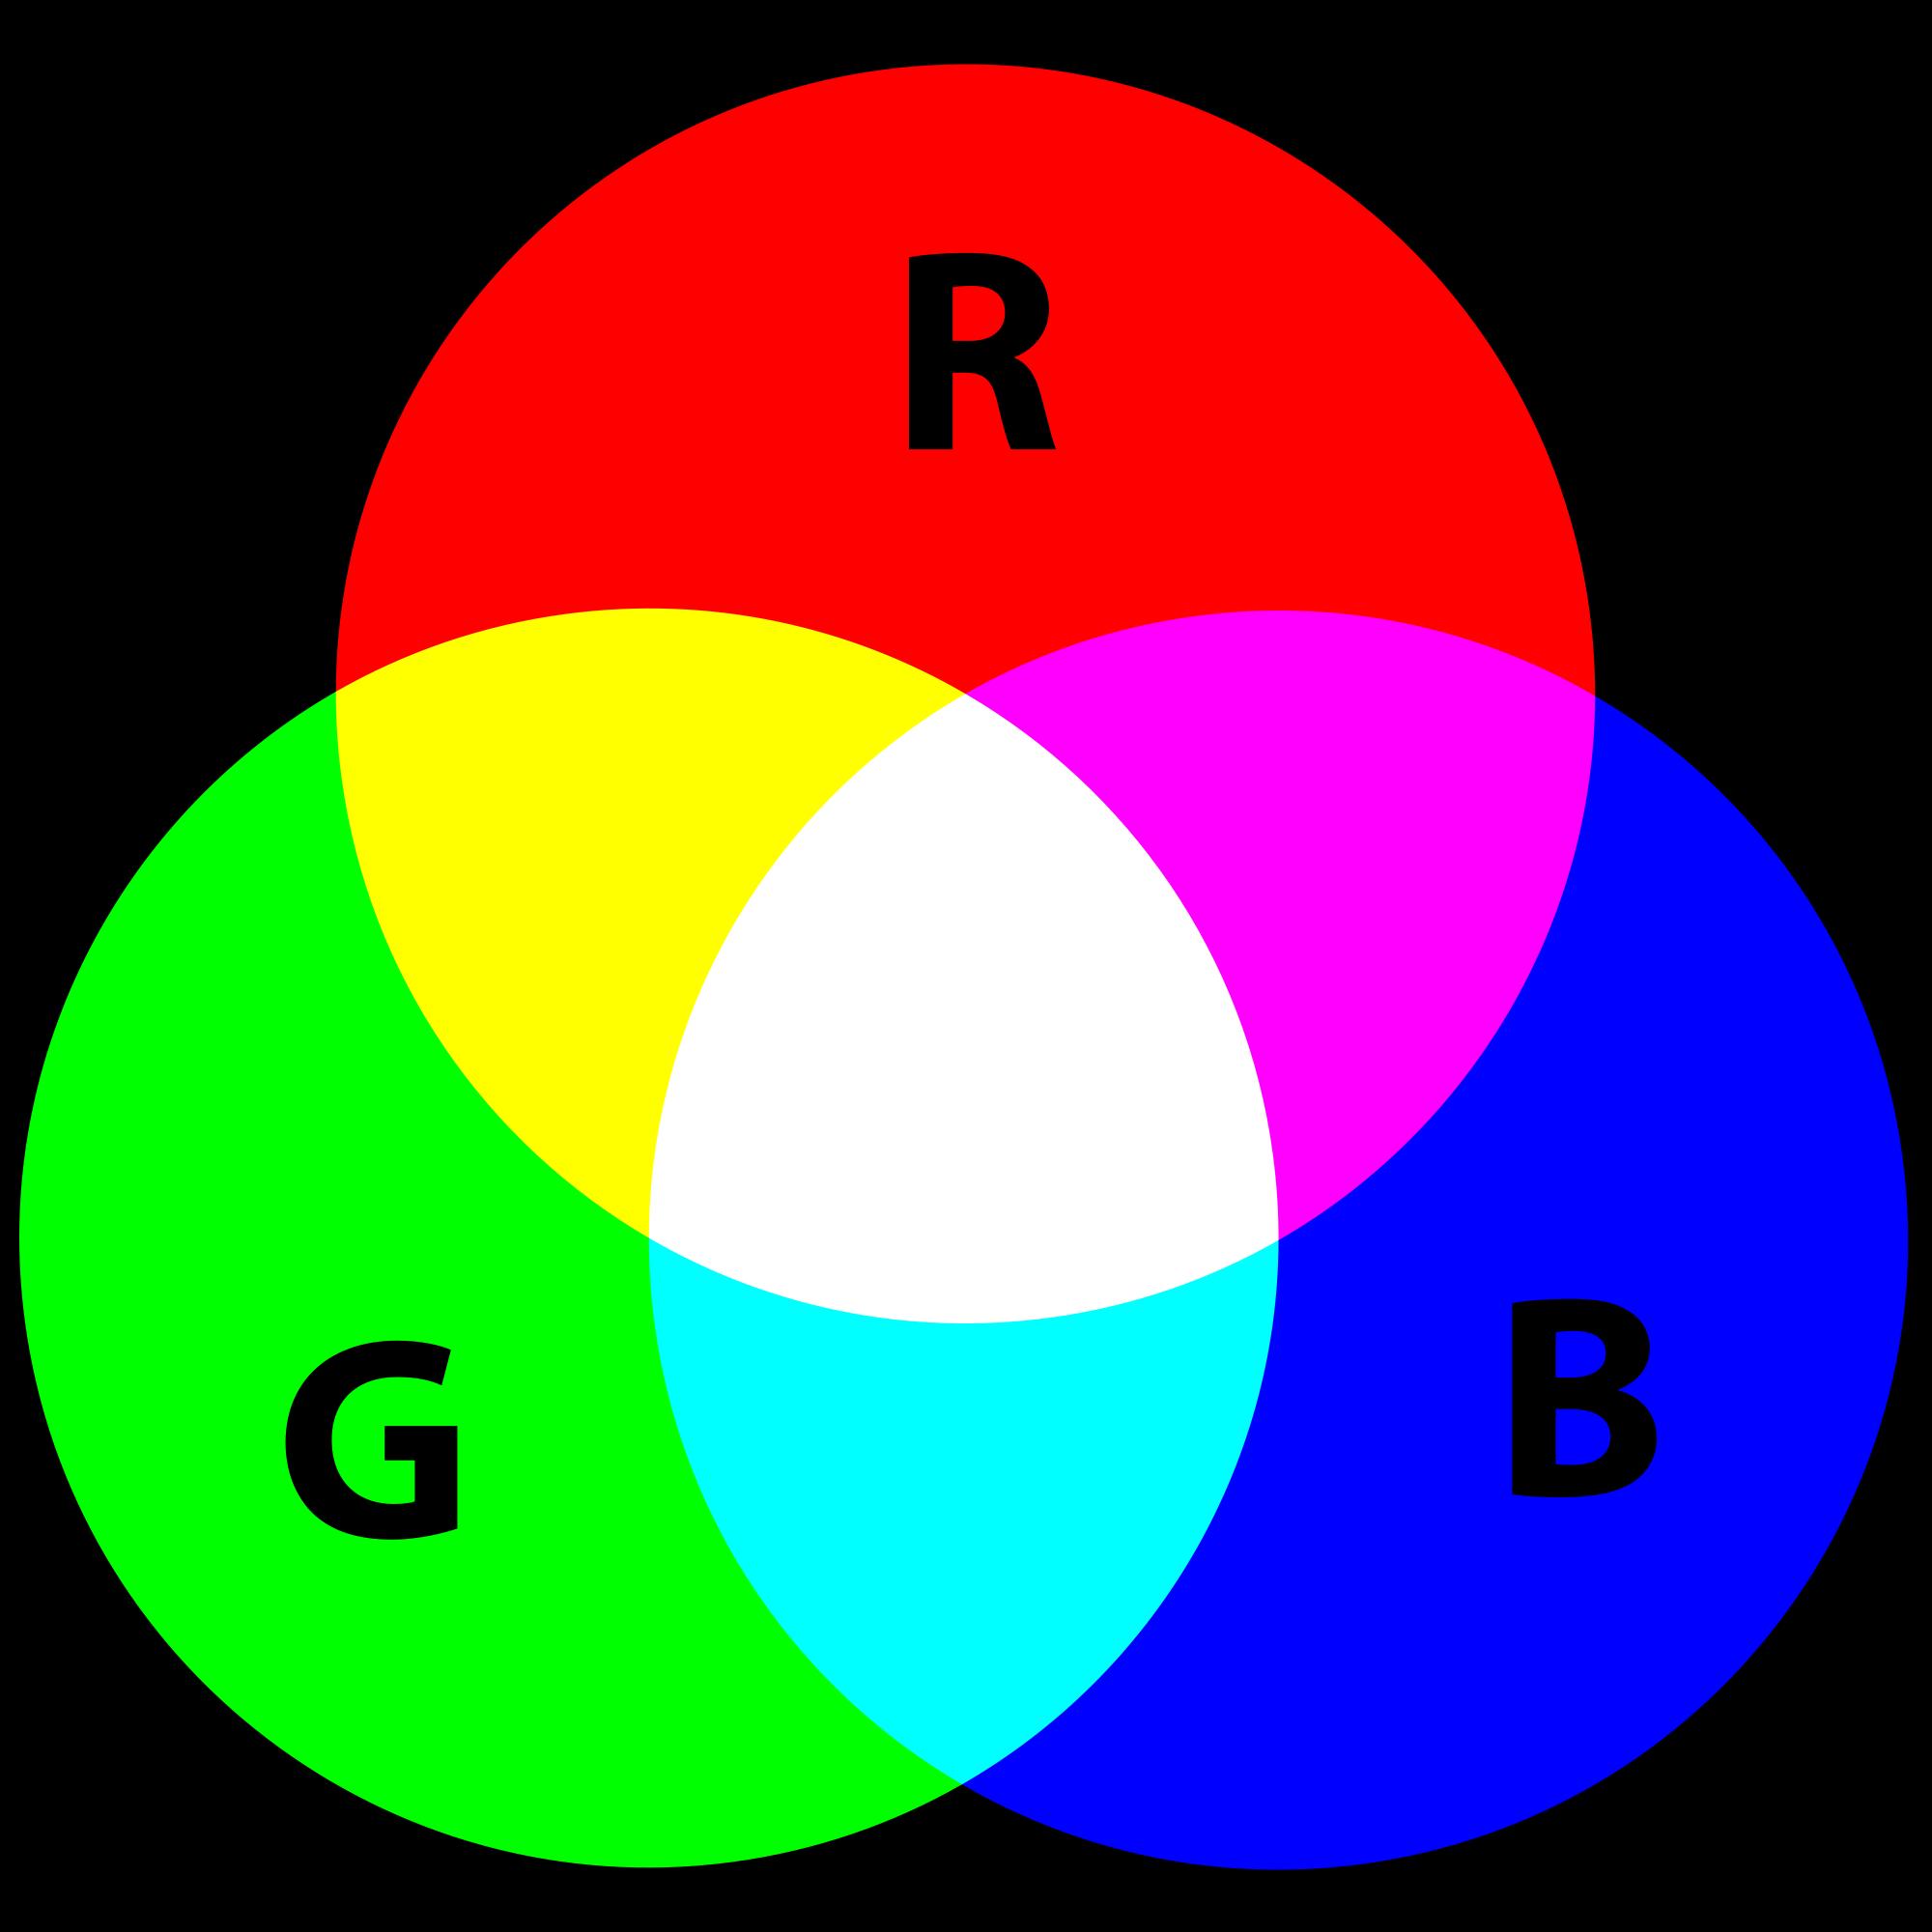 hệ thống màu rgb